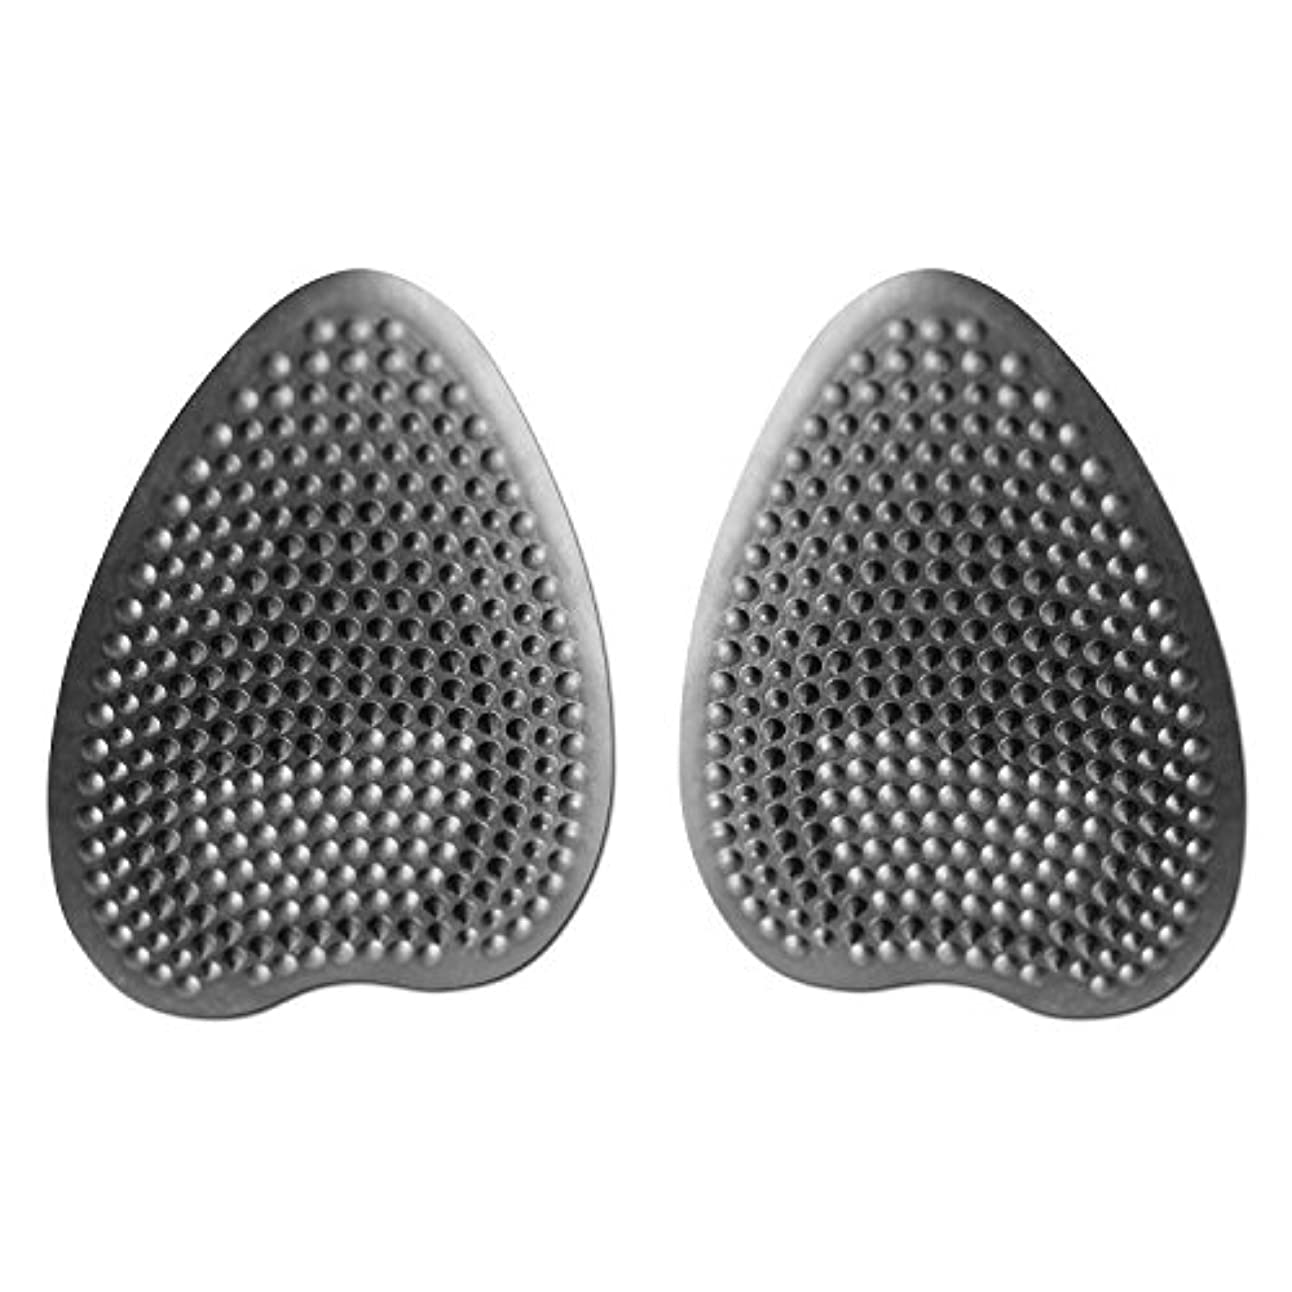 速報酸化する最初にヘブンリーカーペット レディース(靴底用クッションパッド) ブラック